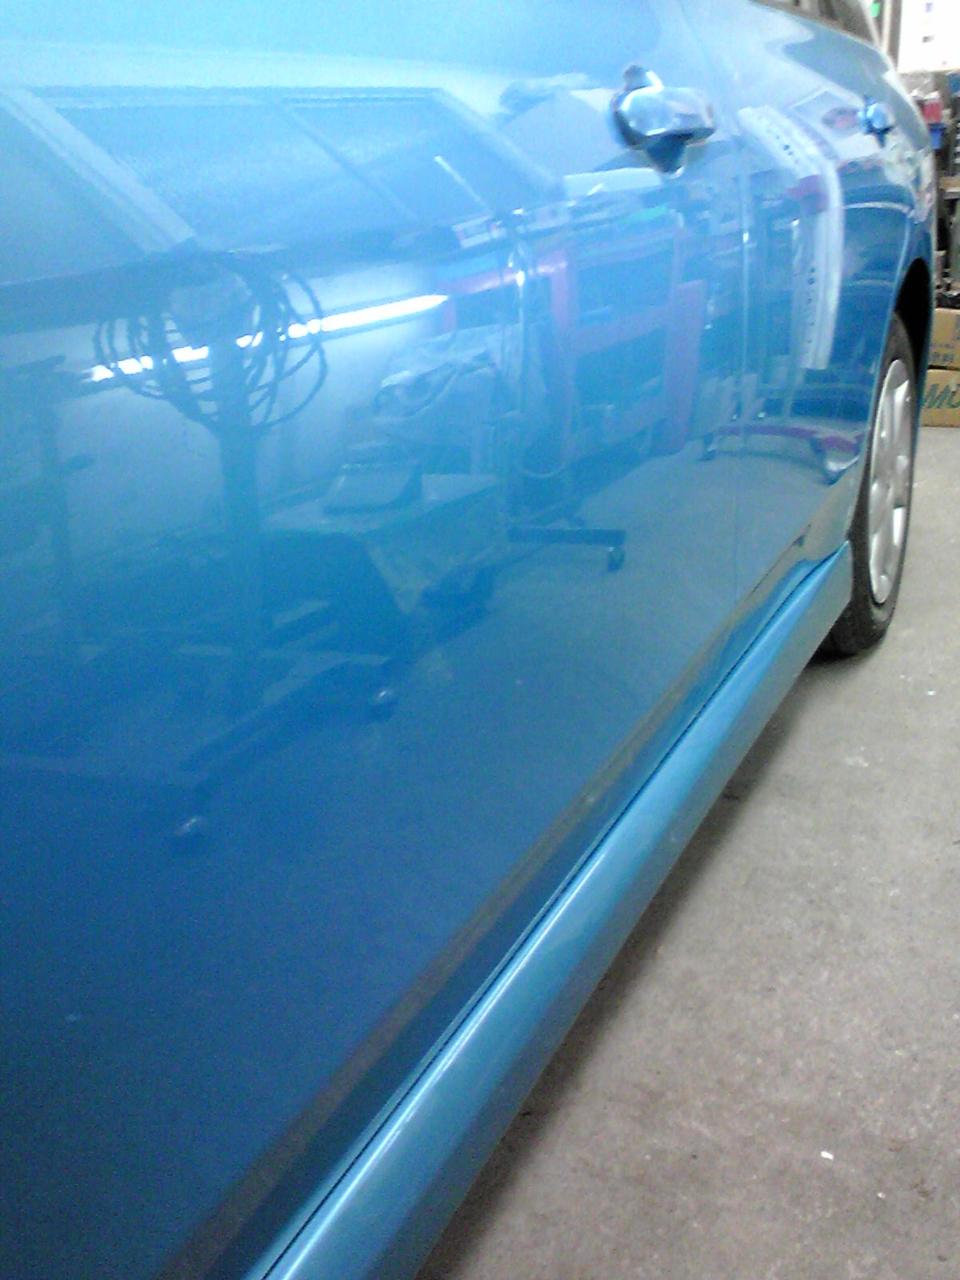 隣の車にドアでぶつけられた凹み